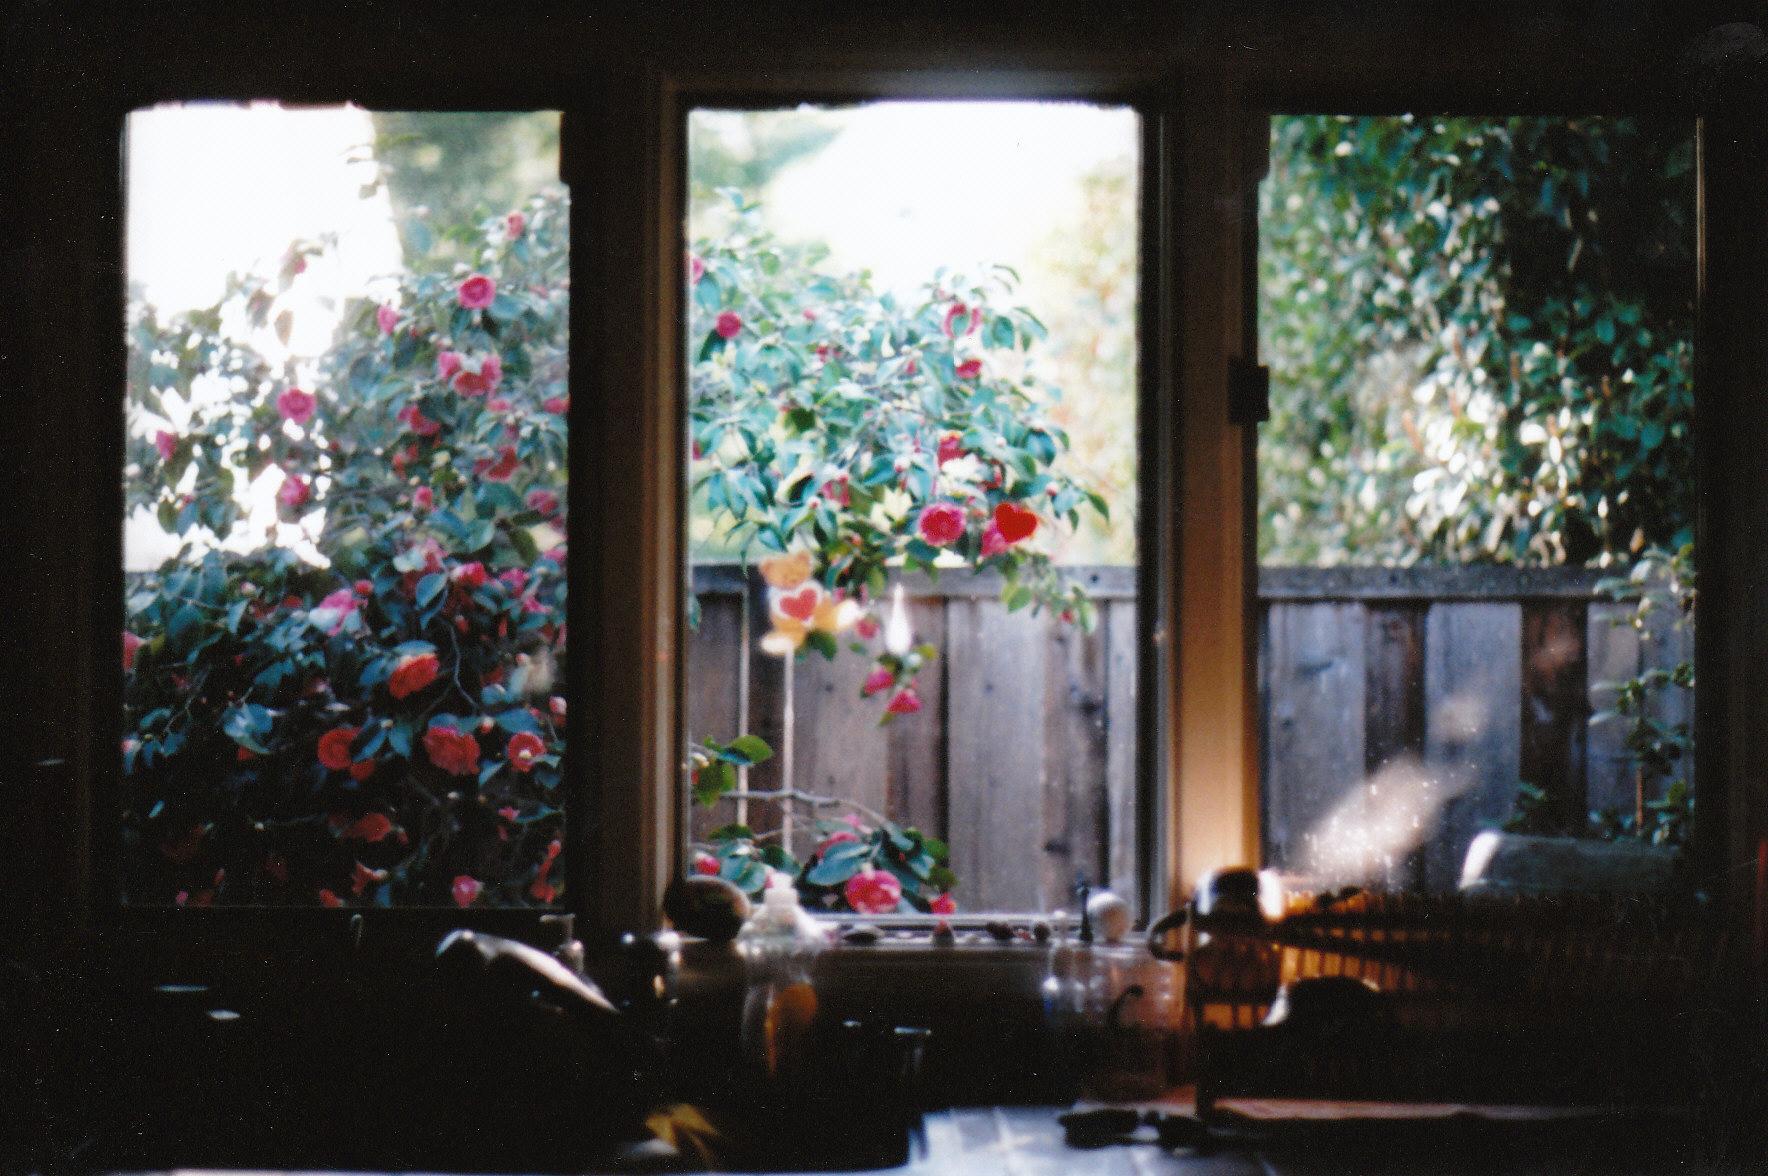 Sfondi luce del sole paesaggio finestra fiori natura - La finestra di fronte film completo ...